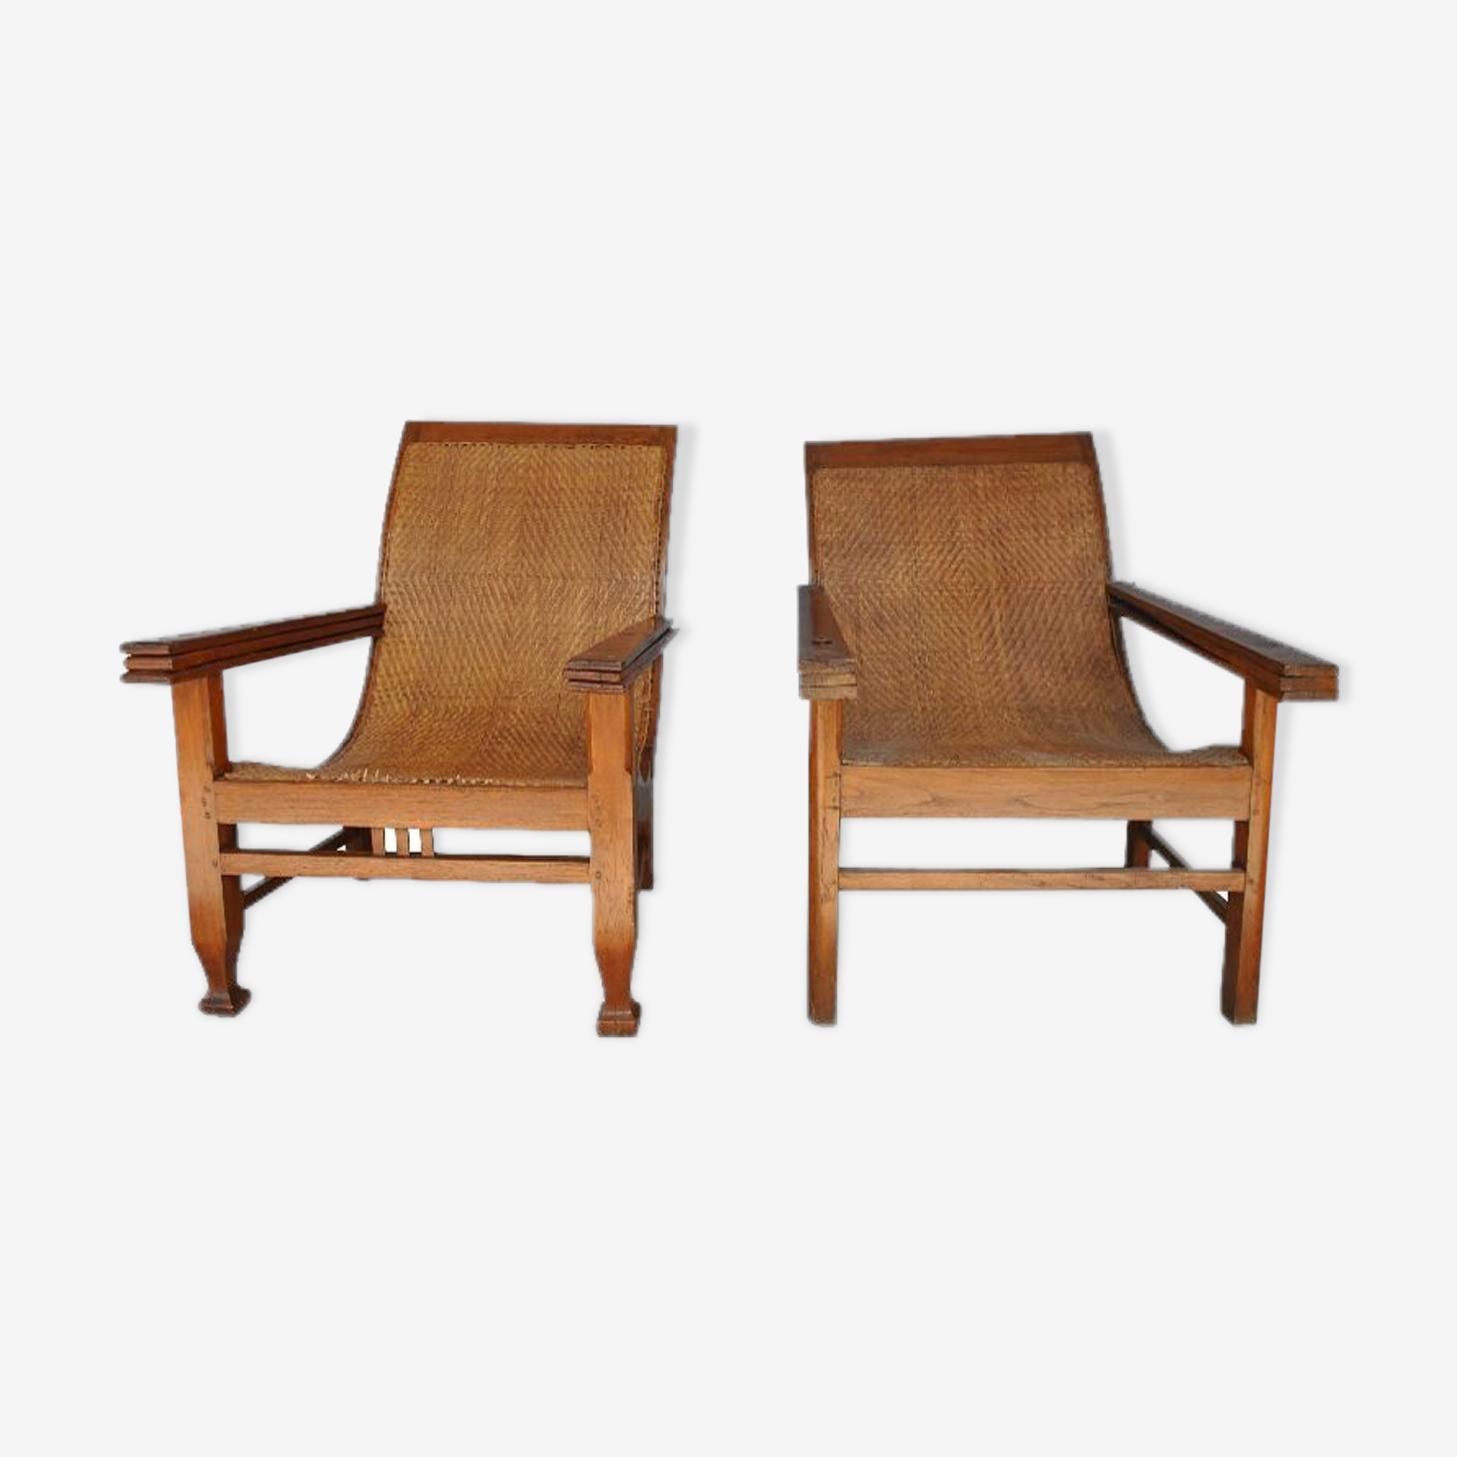 Fausse paire de fauteuils coloniaux fin XIXème dit de planteurs